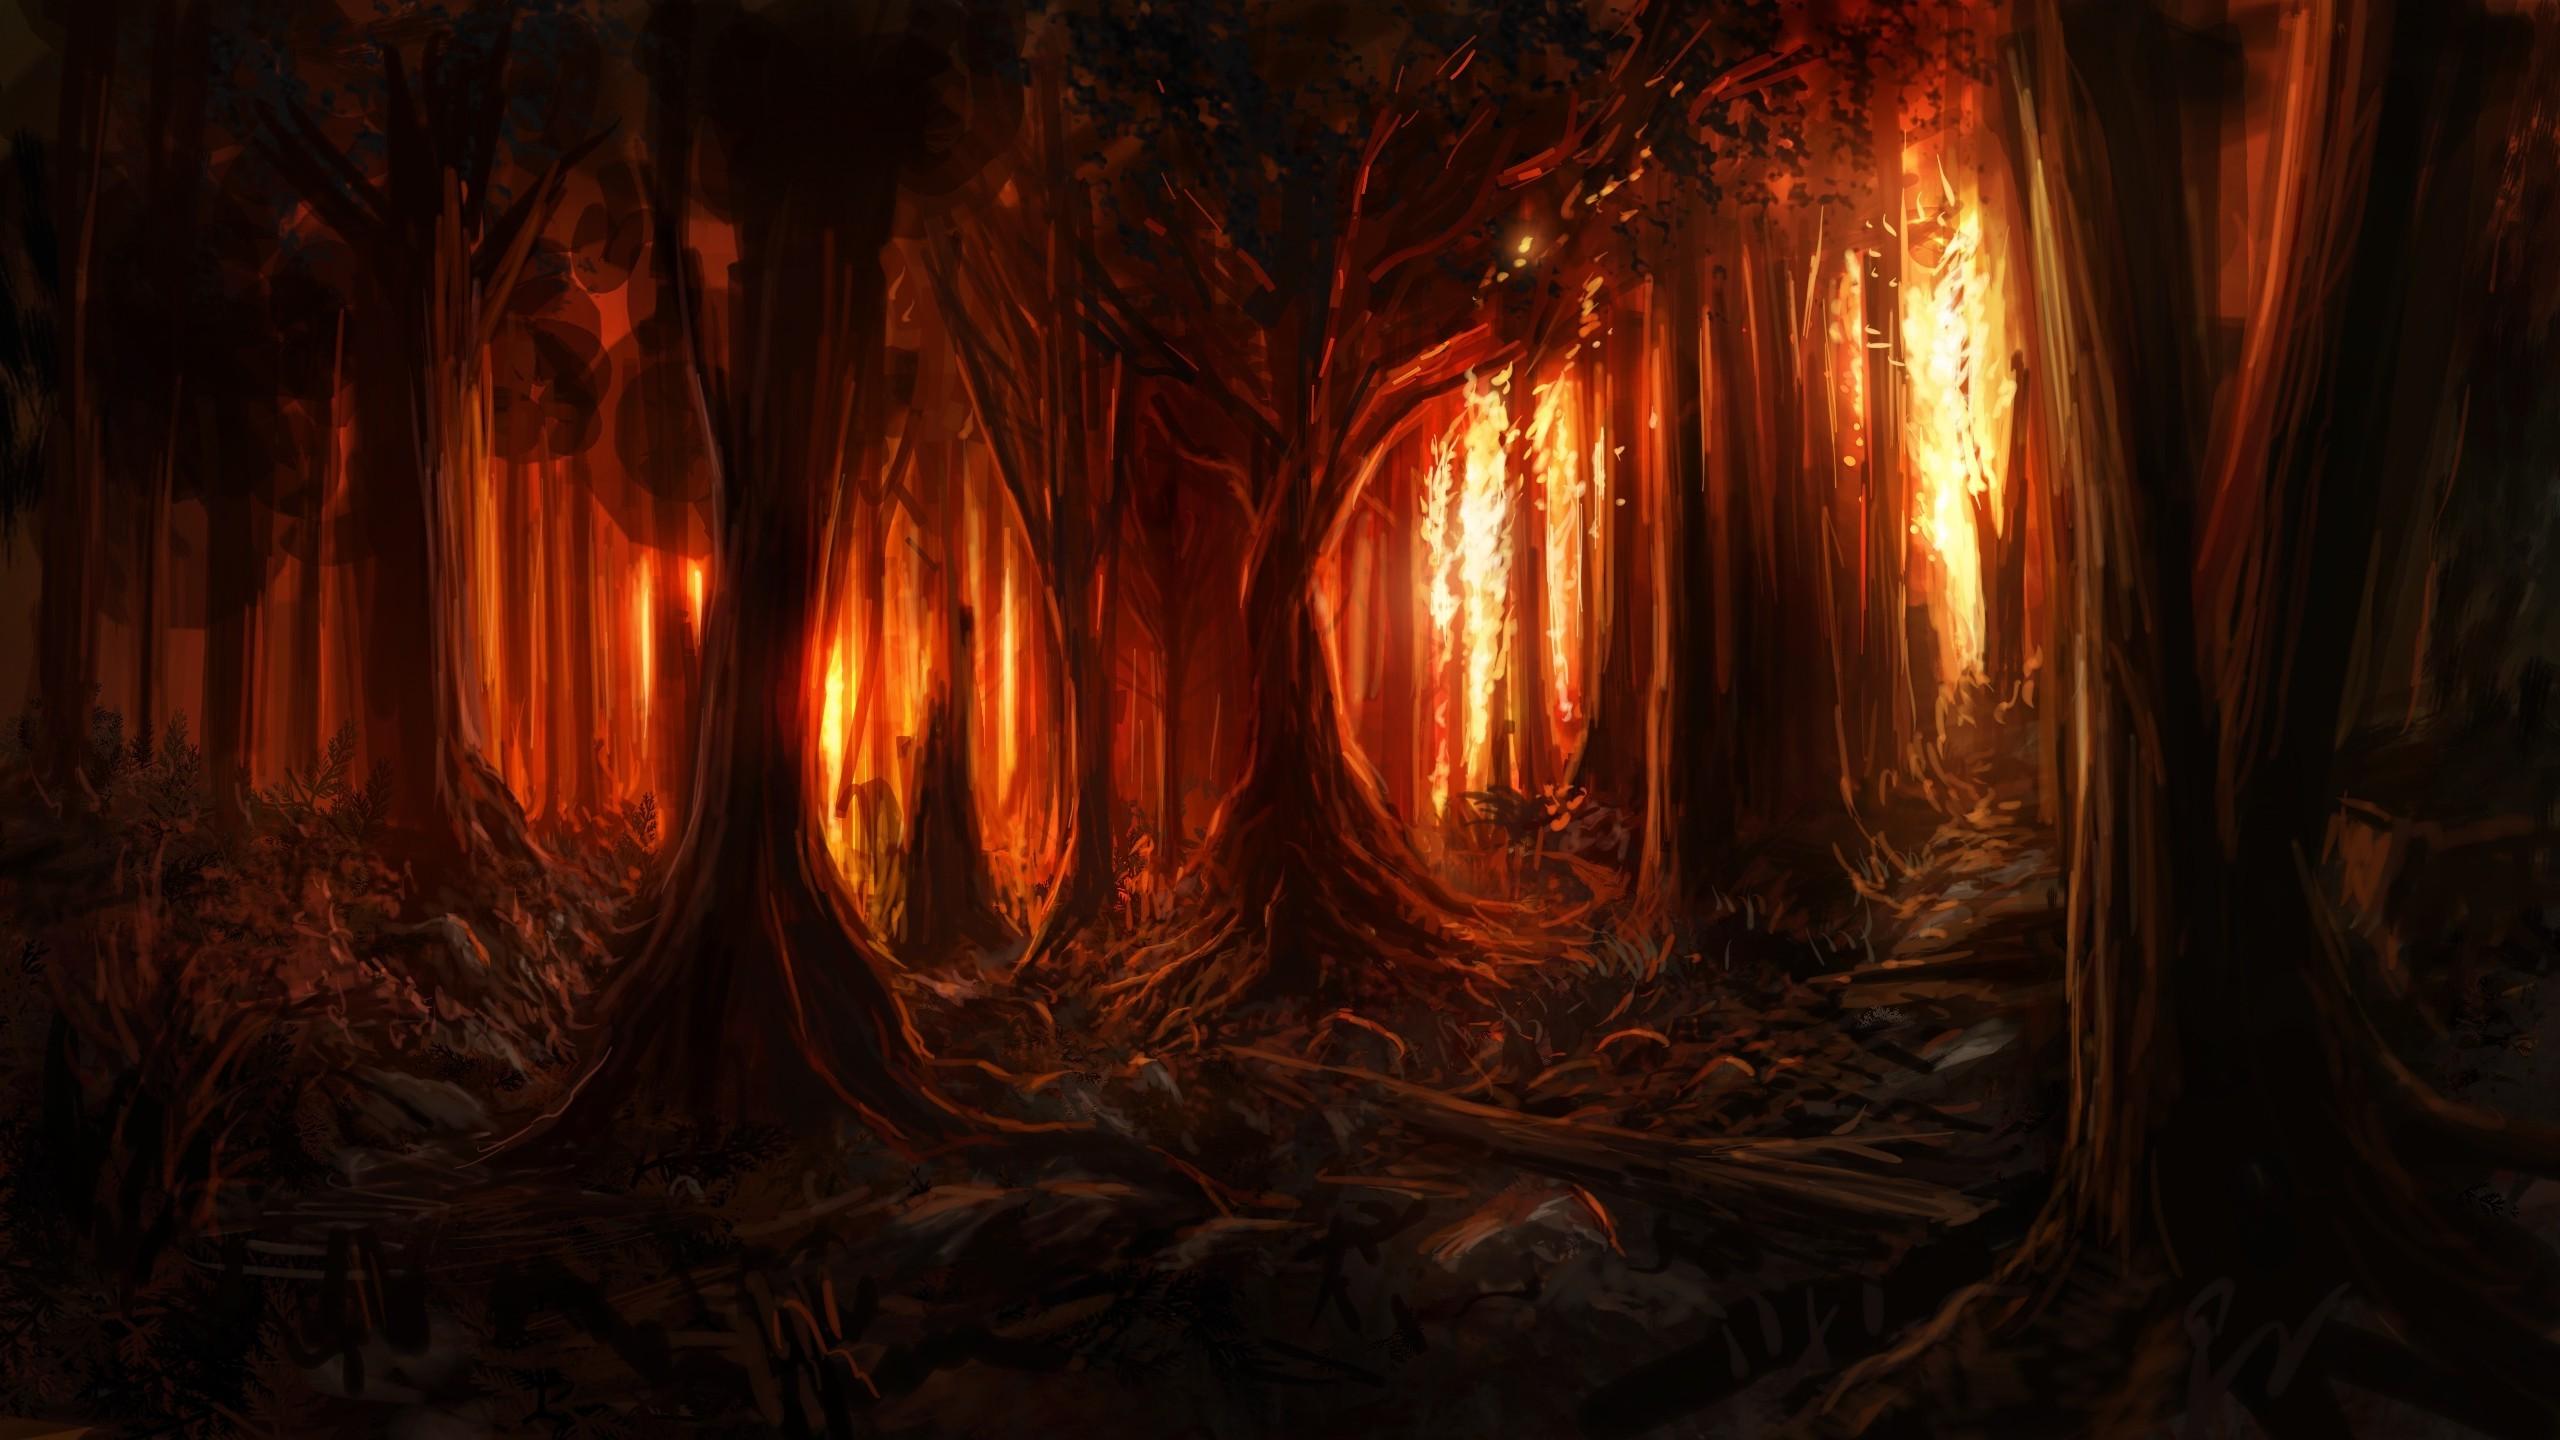 Masaüstü Ağaçlar Boyama Orman Dijital Sanat Doğa Resim Ahşap